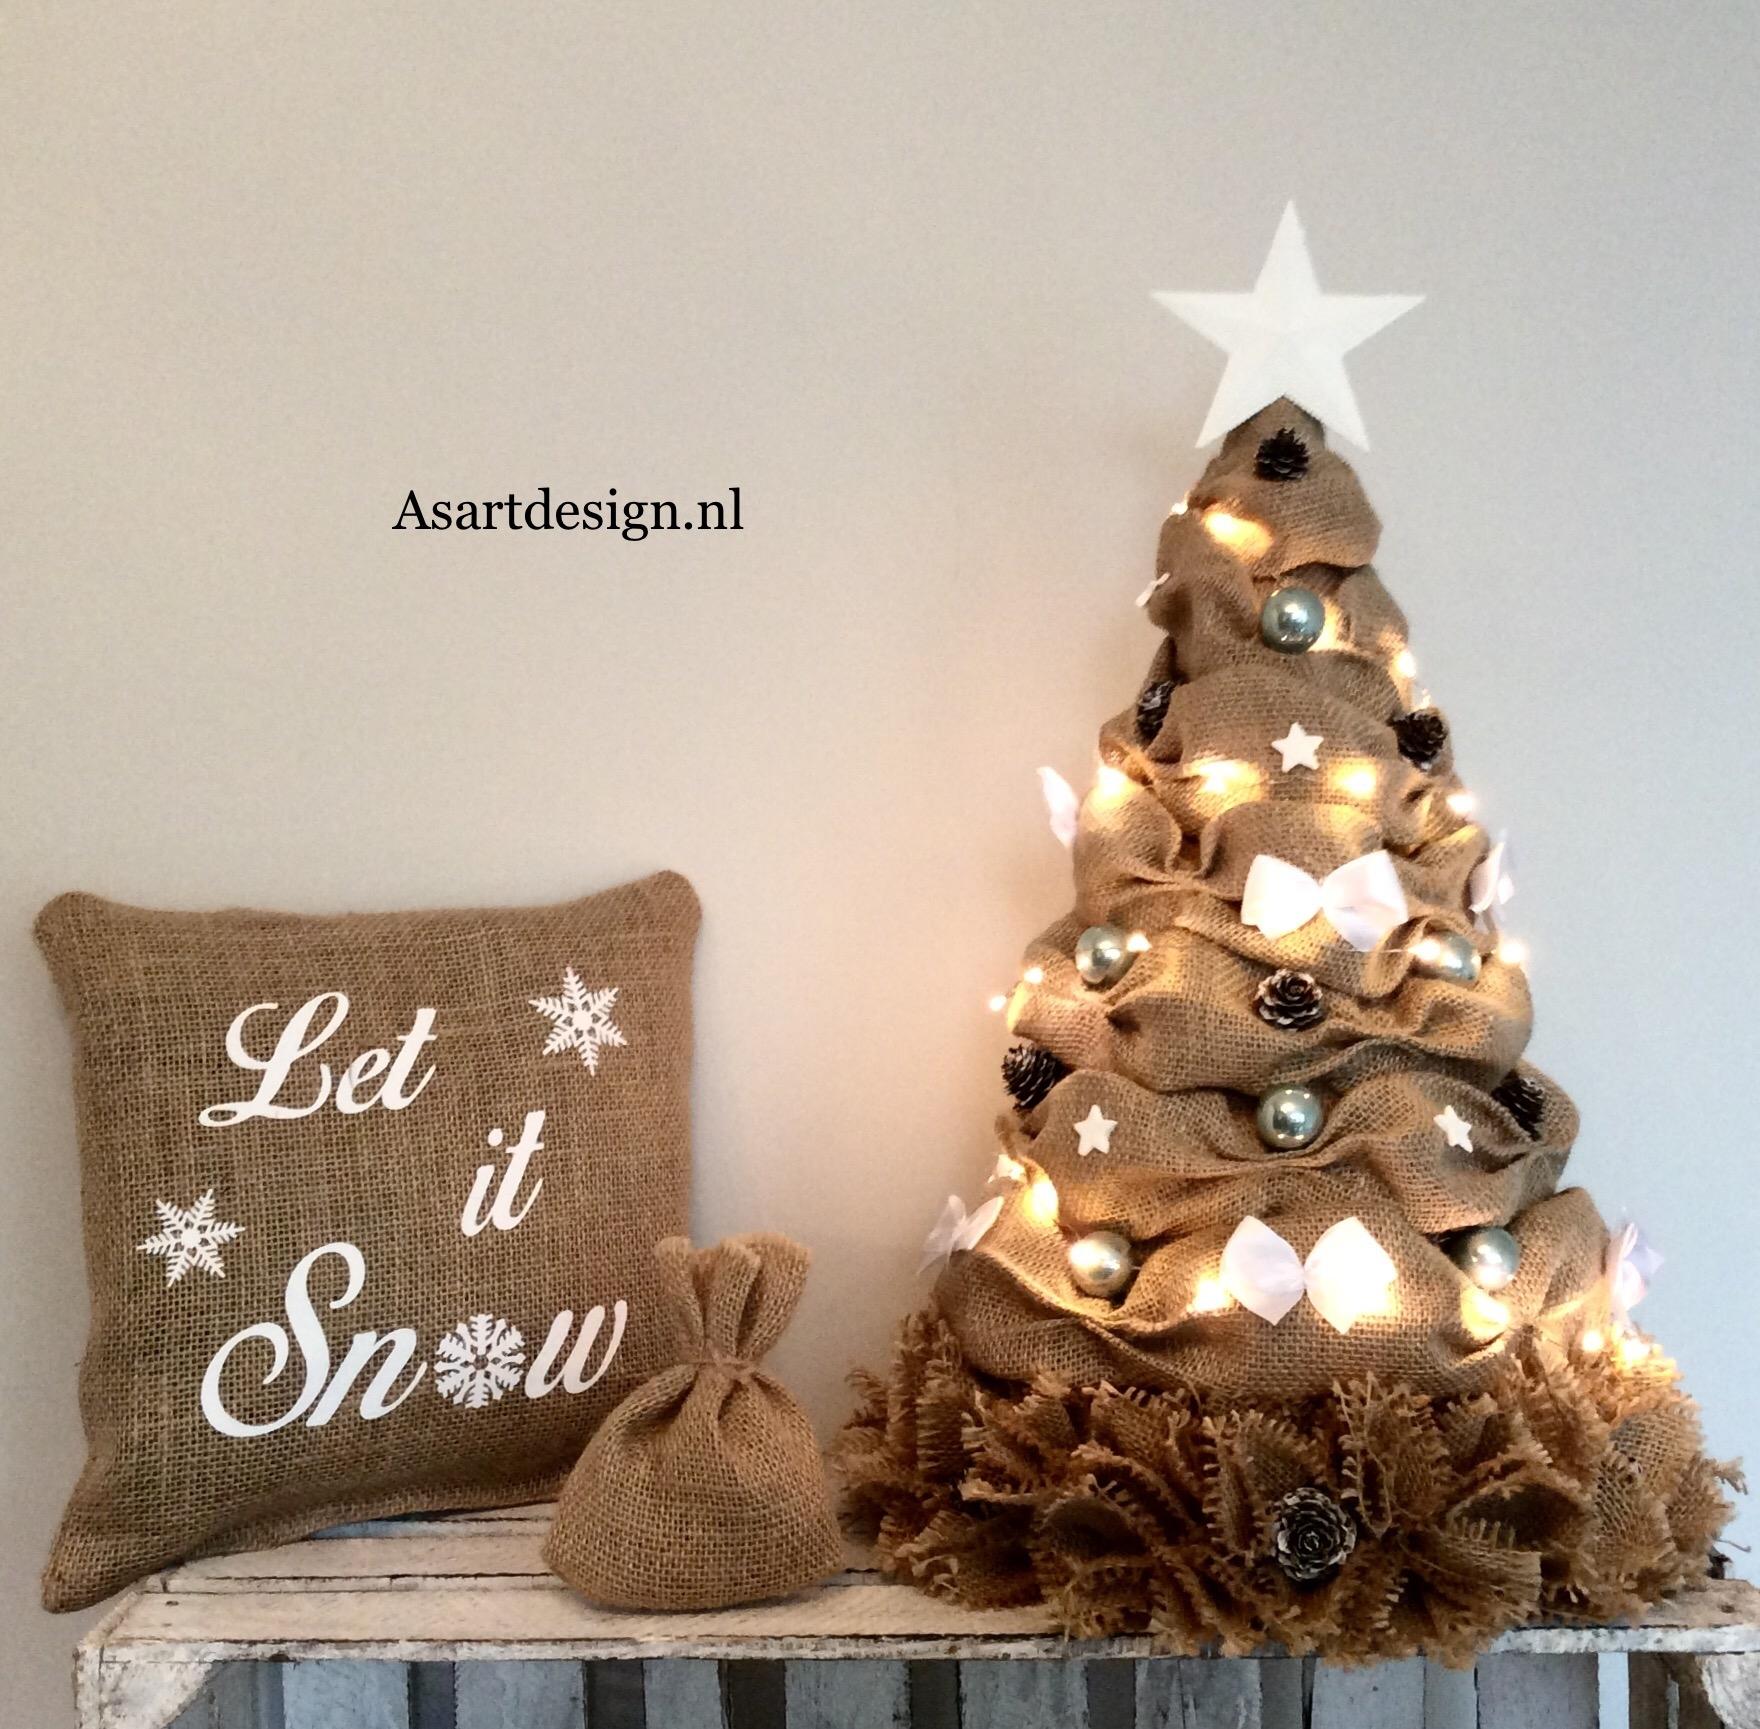 Kerstdecoratie | Jute kussen 'Let it snow'